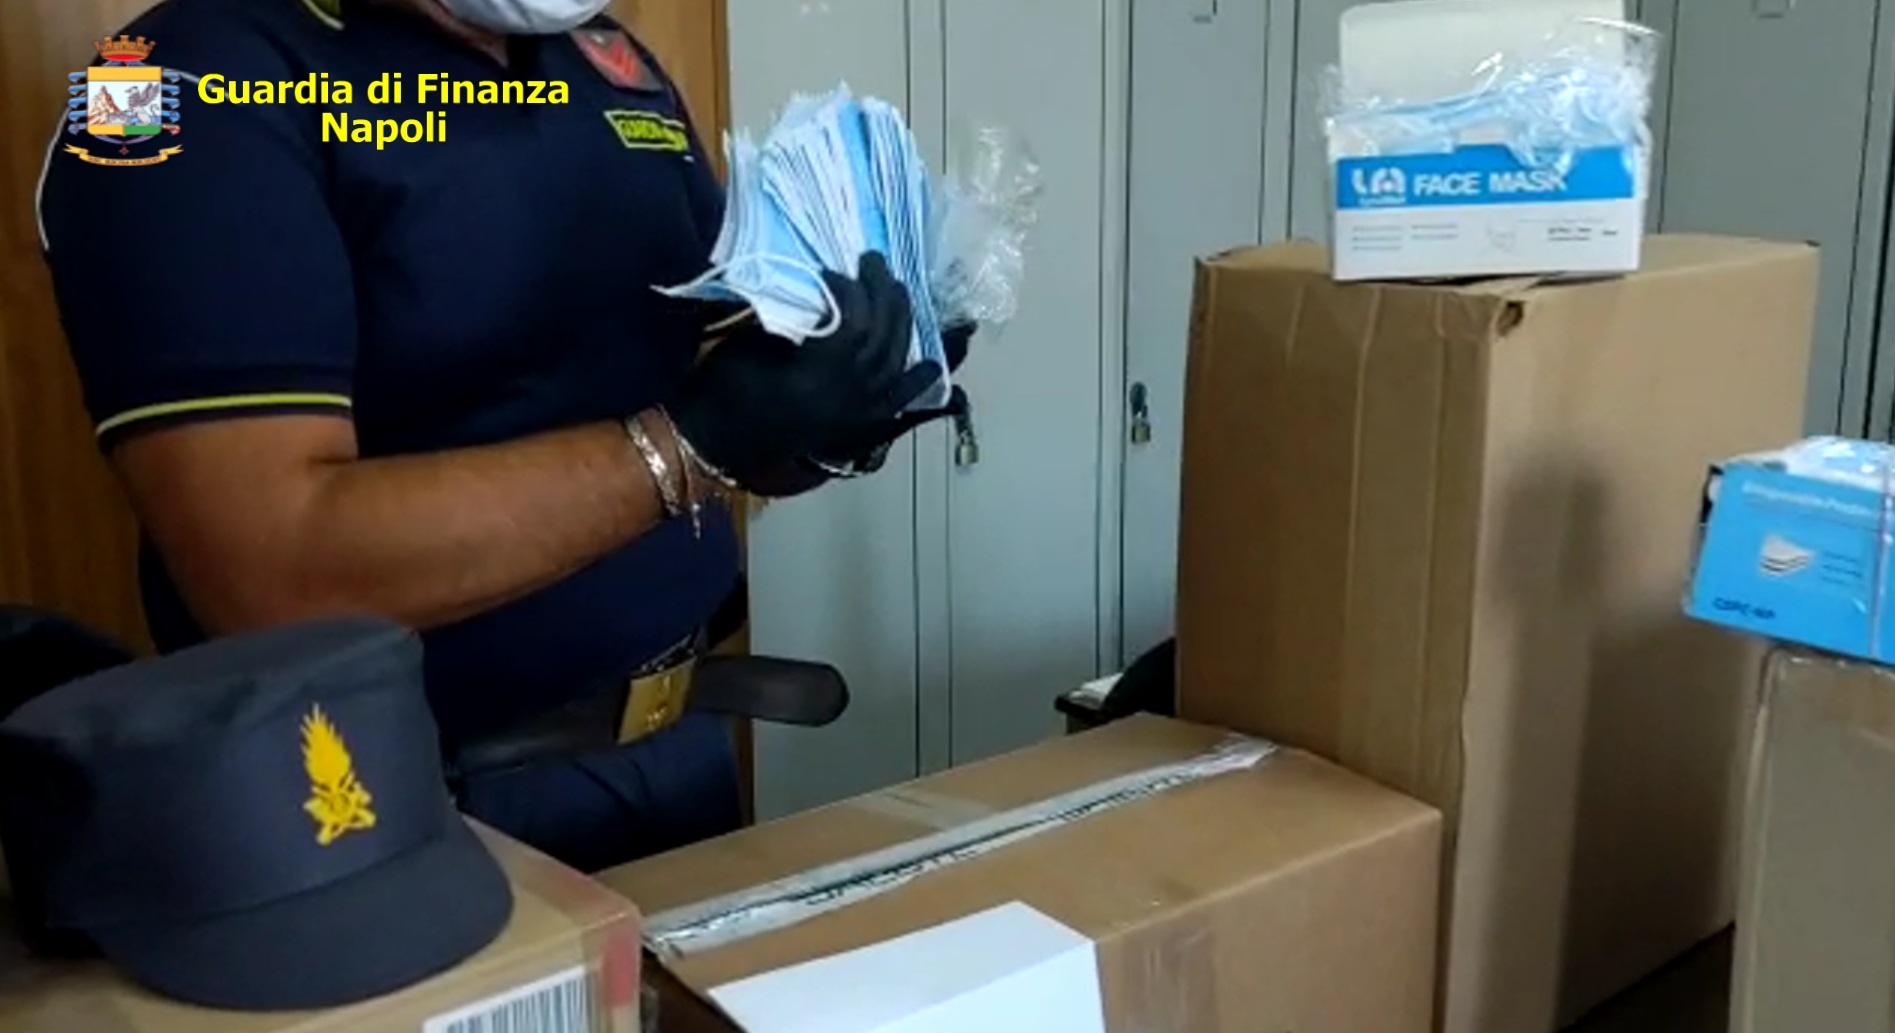 Napoli, Guardia di Finanza sequestra 73 mila mascherine non a norma